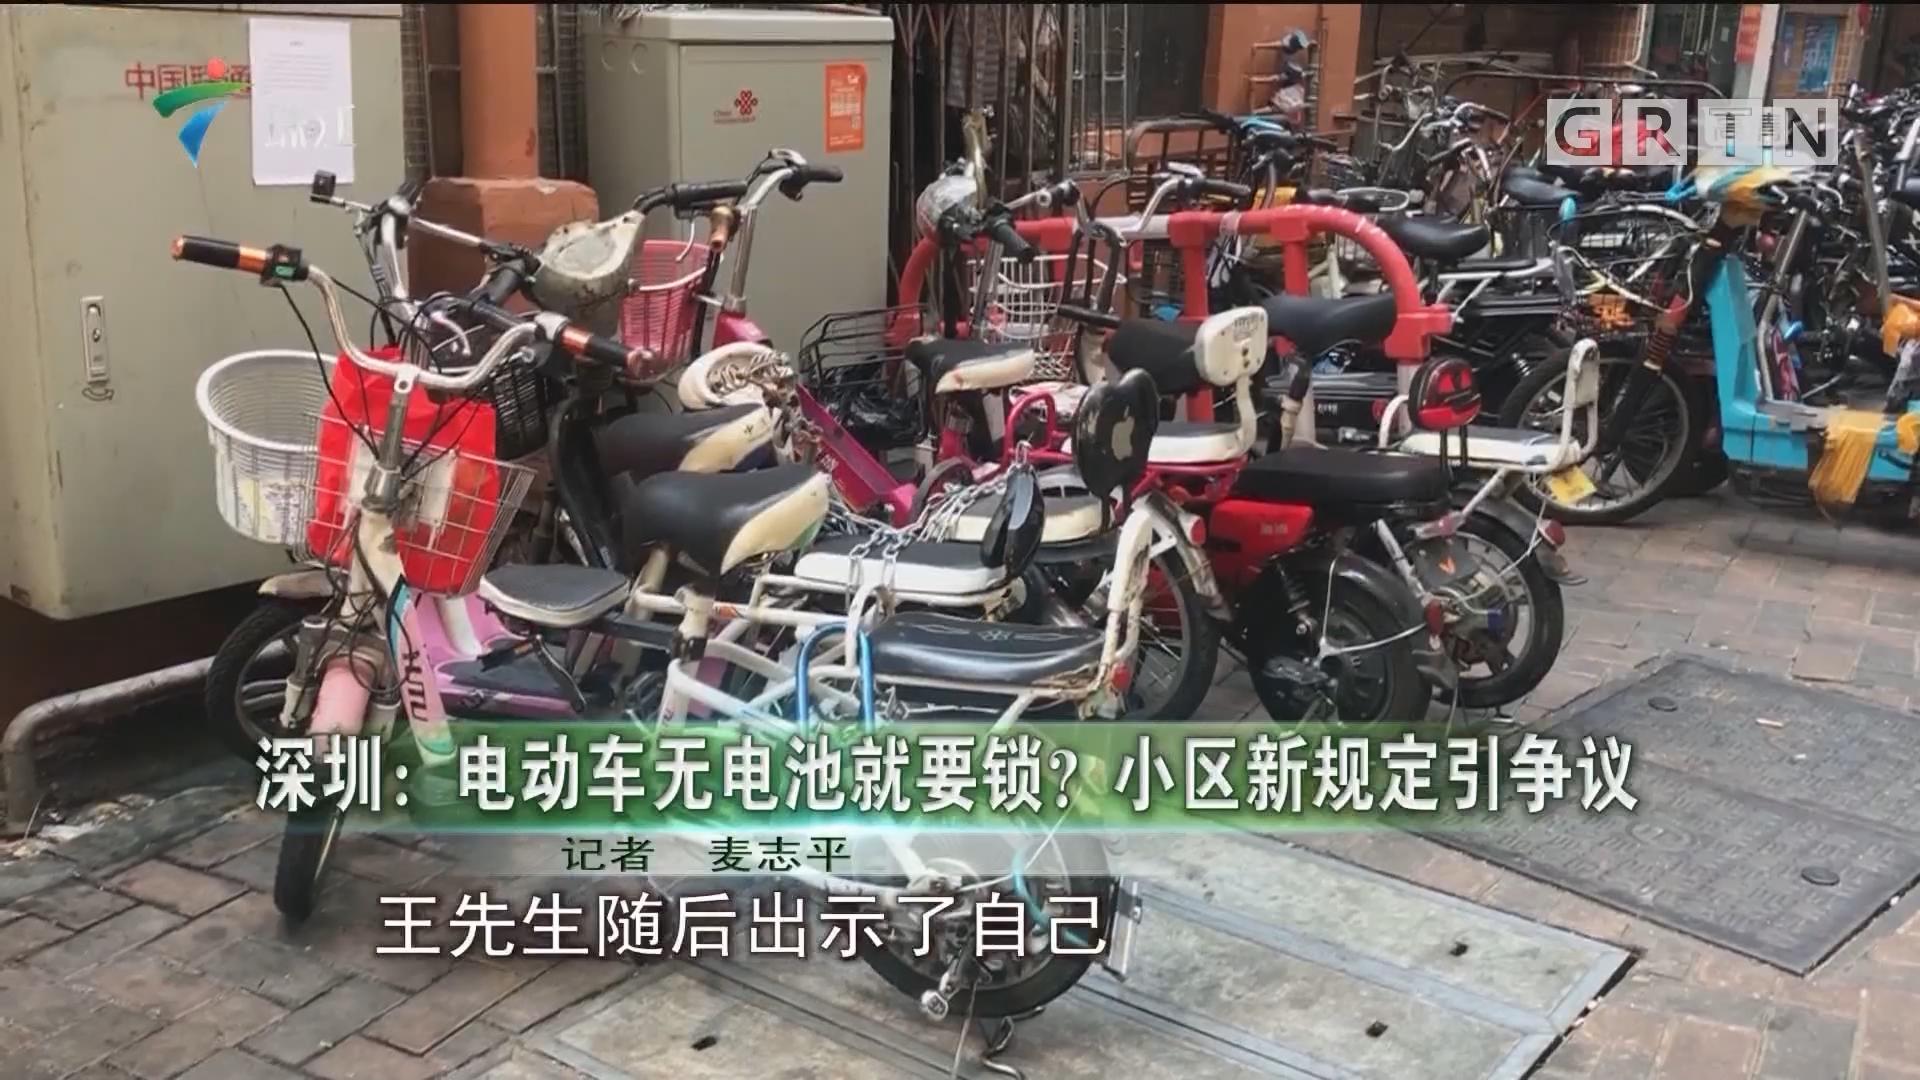 深圳:電動車無電池就要鎖?小區新規定引爭議